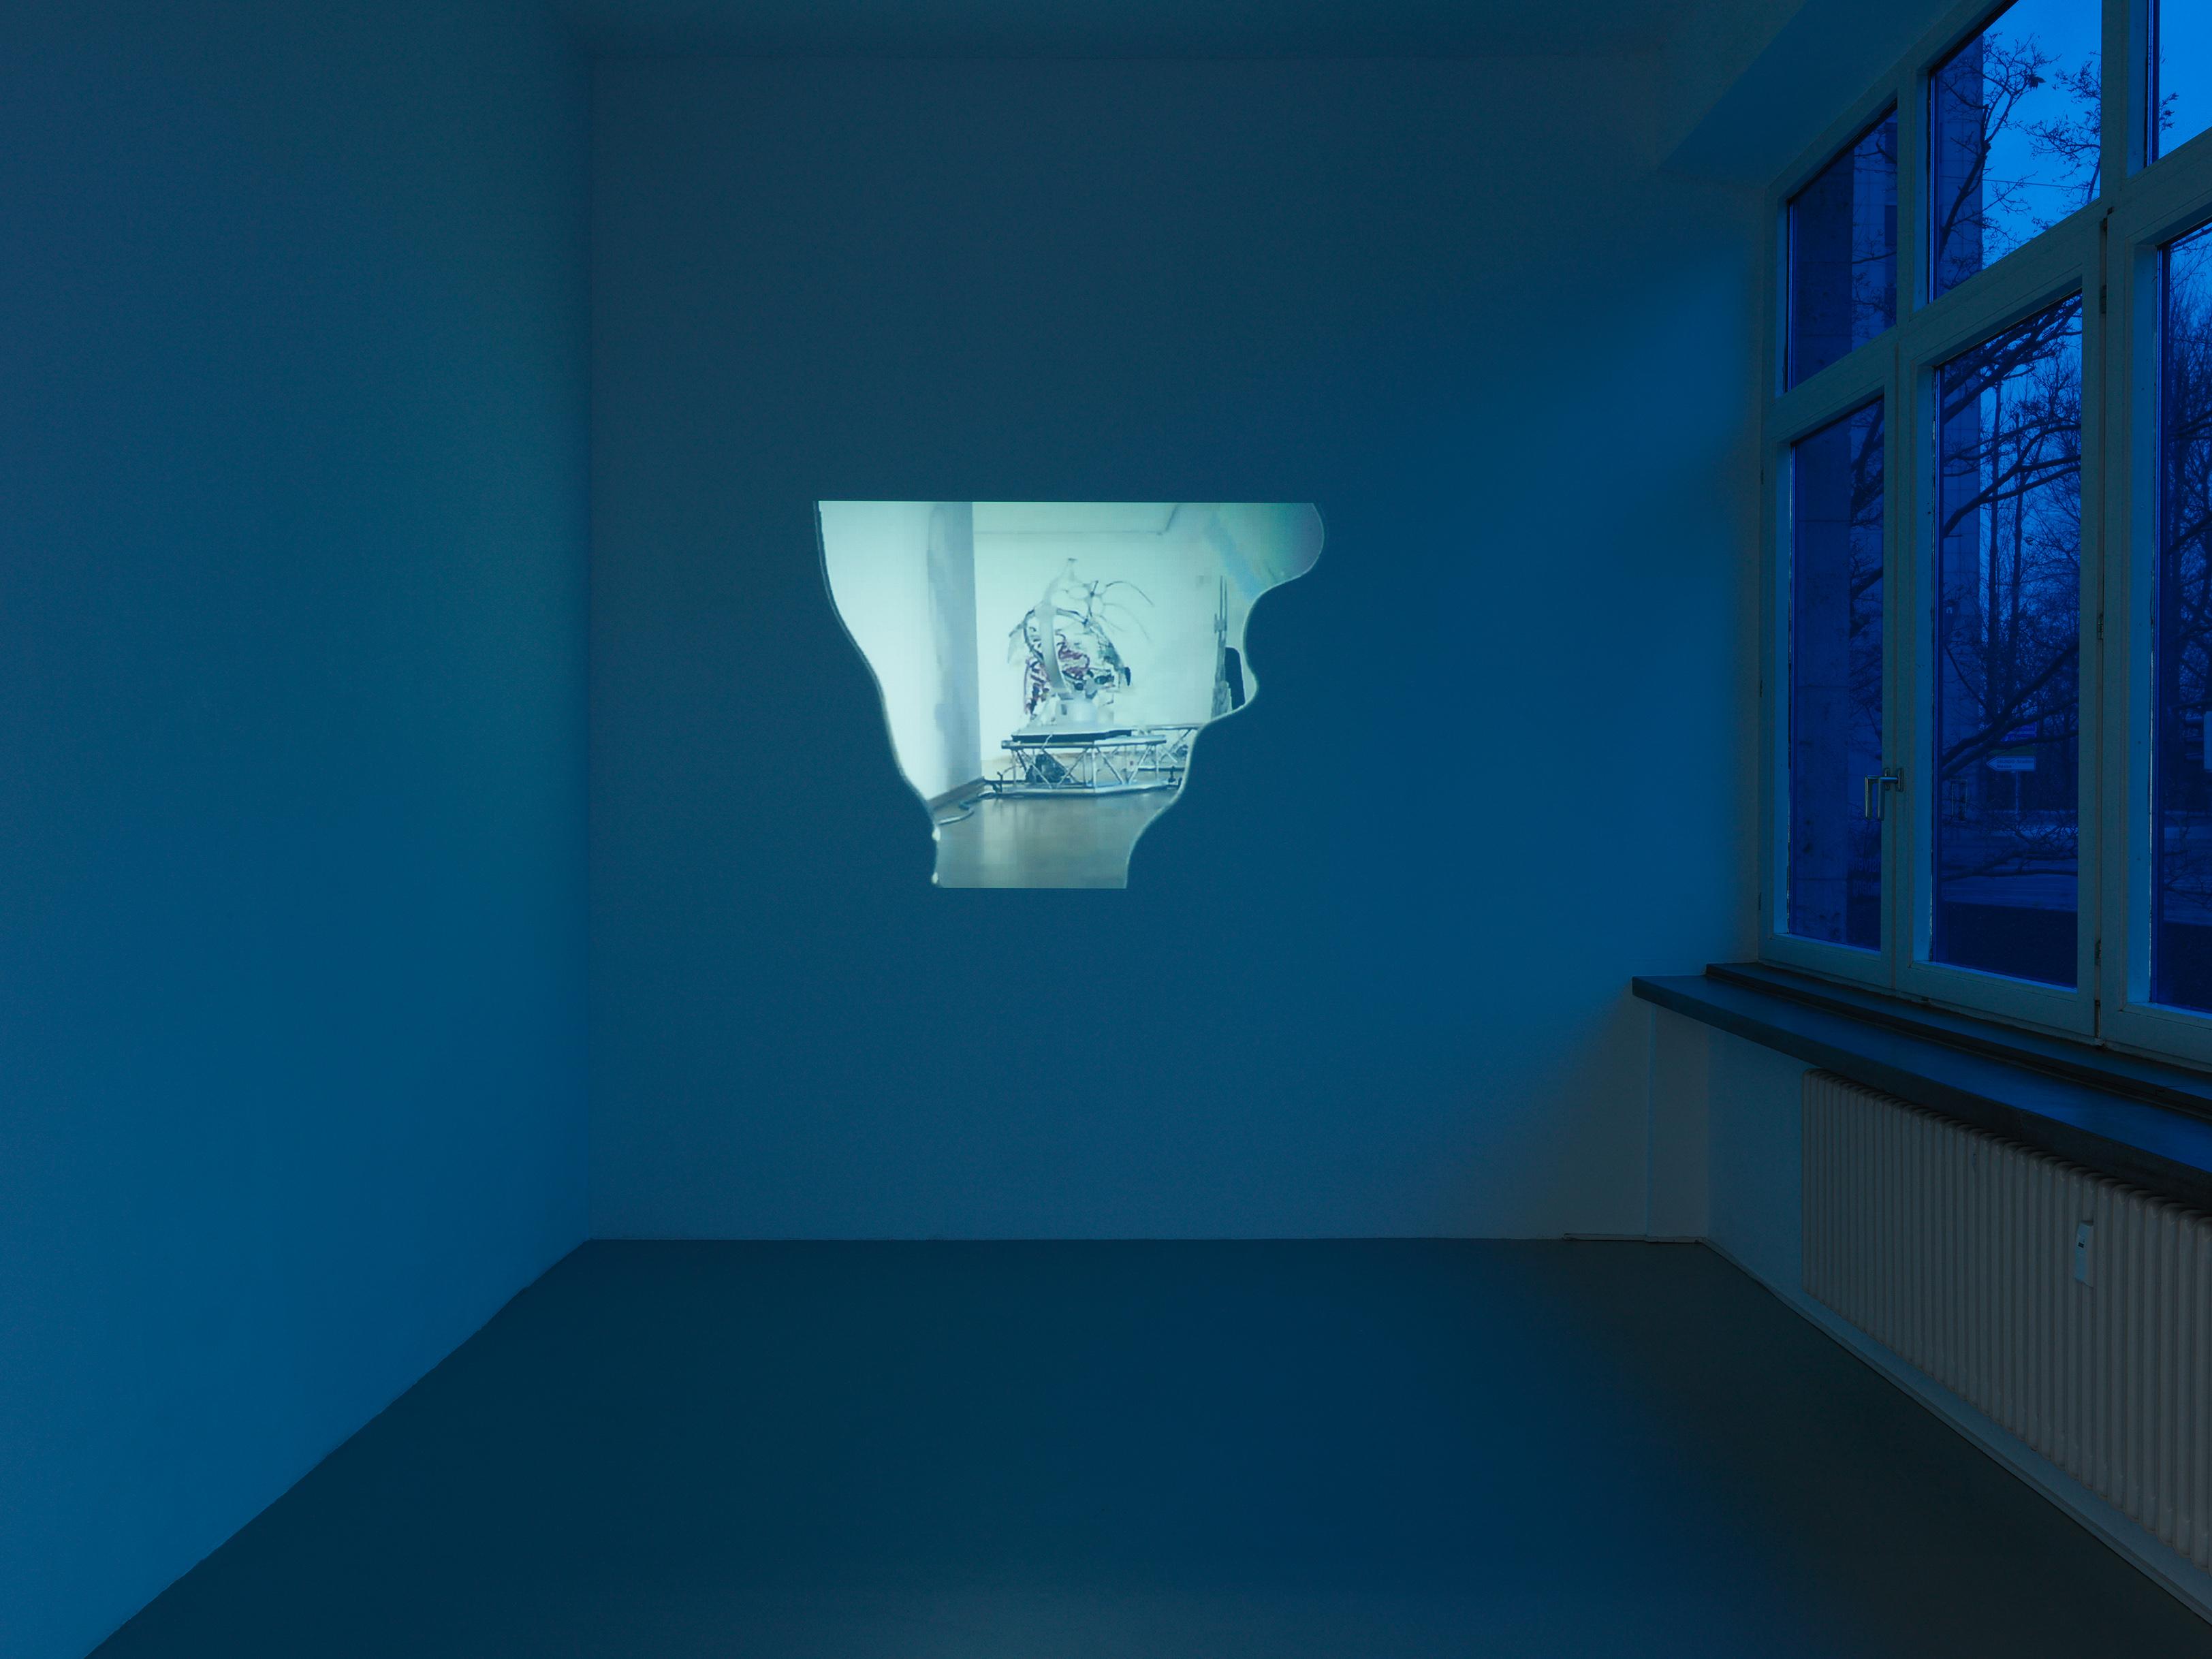 Image Credits: Installationsansicht, Katja Novitskova, »Transparenzen«, Kunstverein Nürnberg, 2015. Photo: Annette Kradisch, Nürnberg. Courtesy the artist; Kraupa-Tuskany Zeidler, Berlin